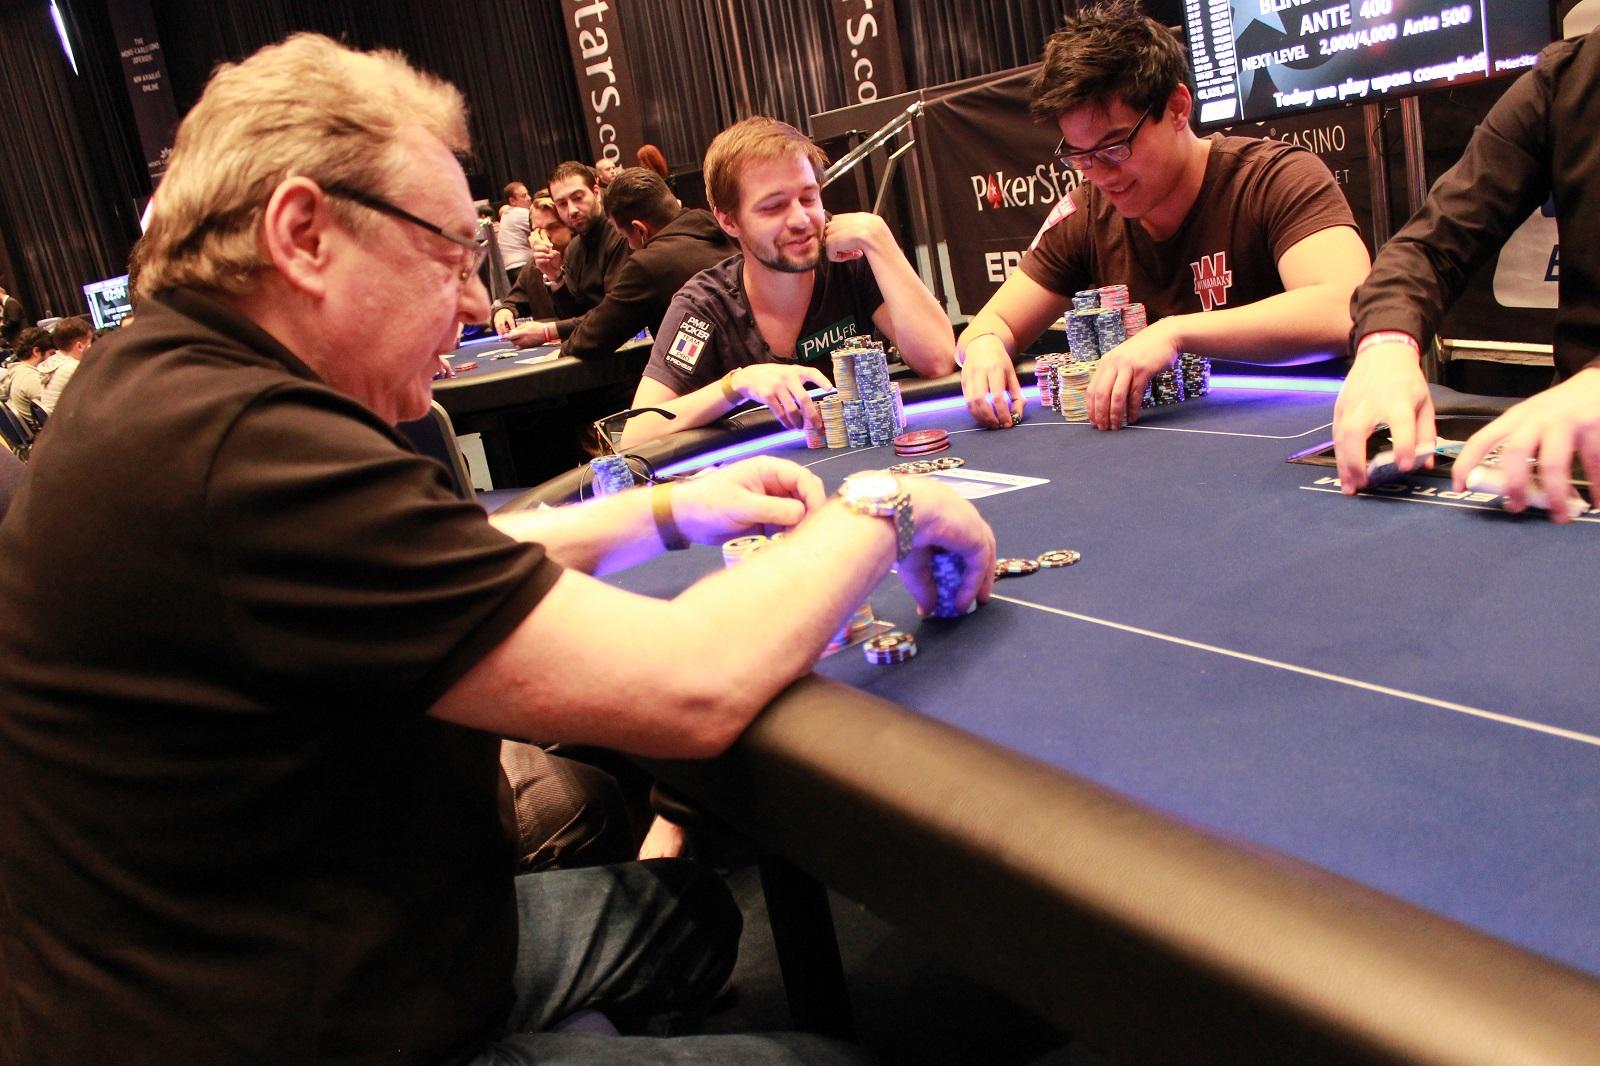 Pmu gambling